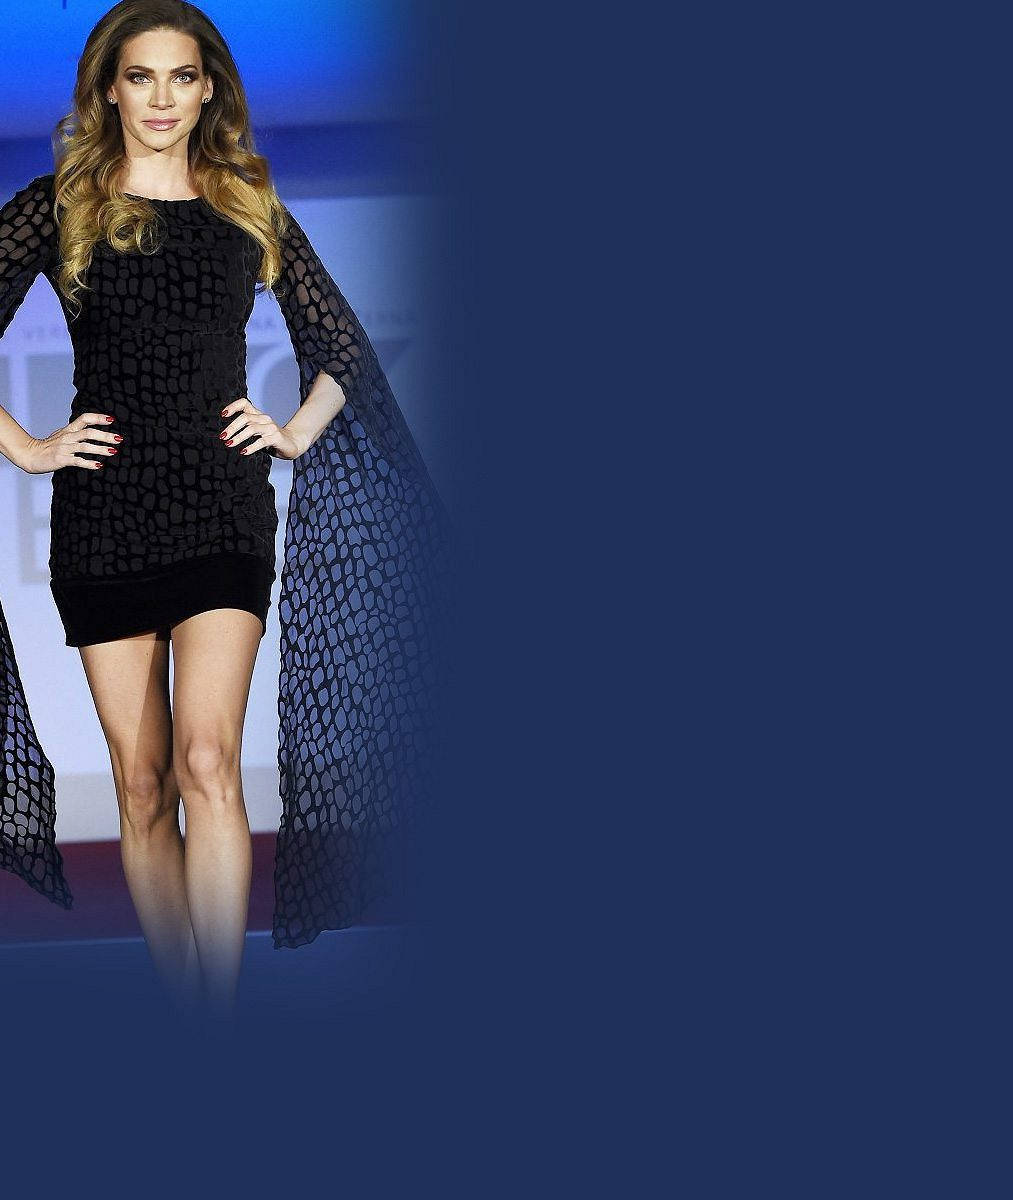 Dokonalé vnady umí prodat: Verešová na sobě předvedla šaty, které sama navrhla